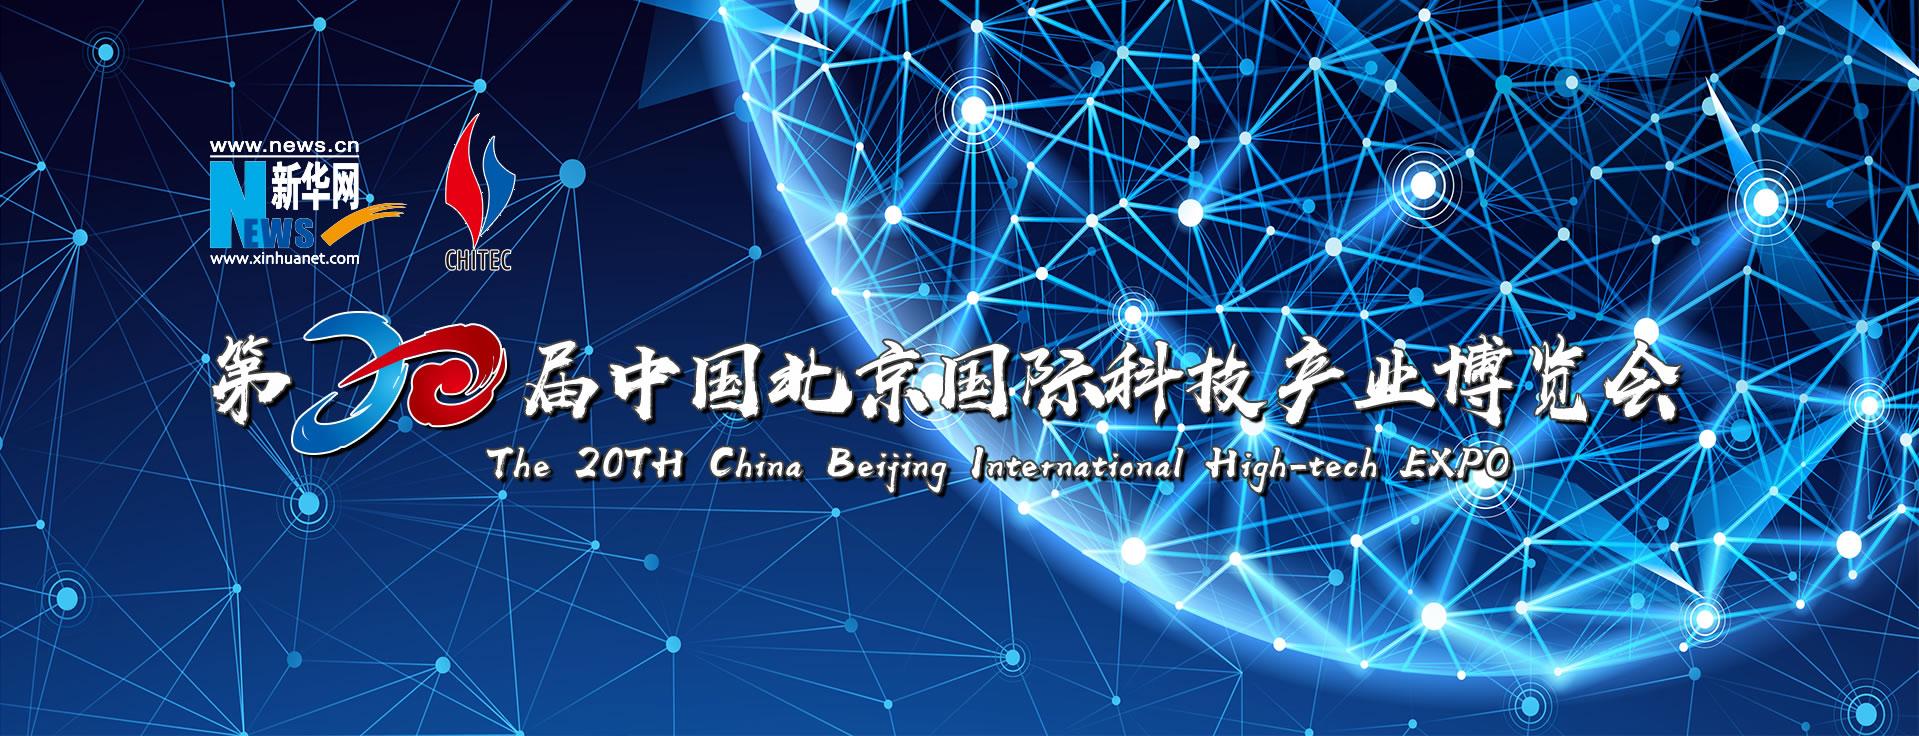 第二十屆中國北京國際科技産業博覽會